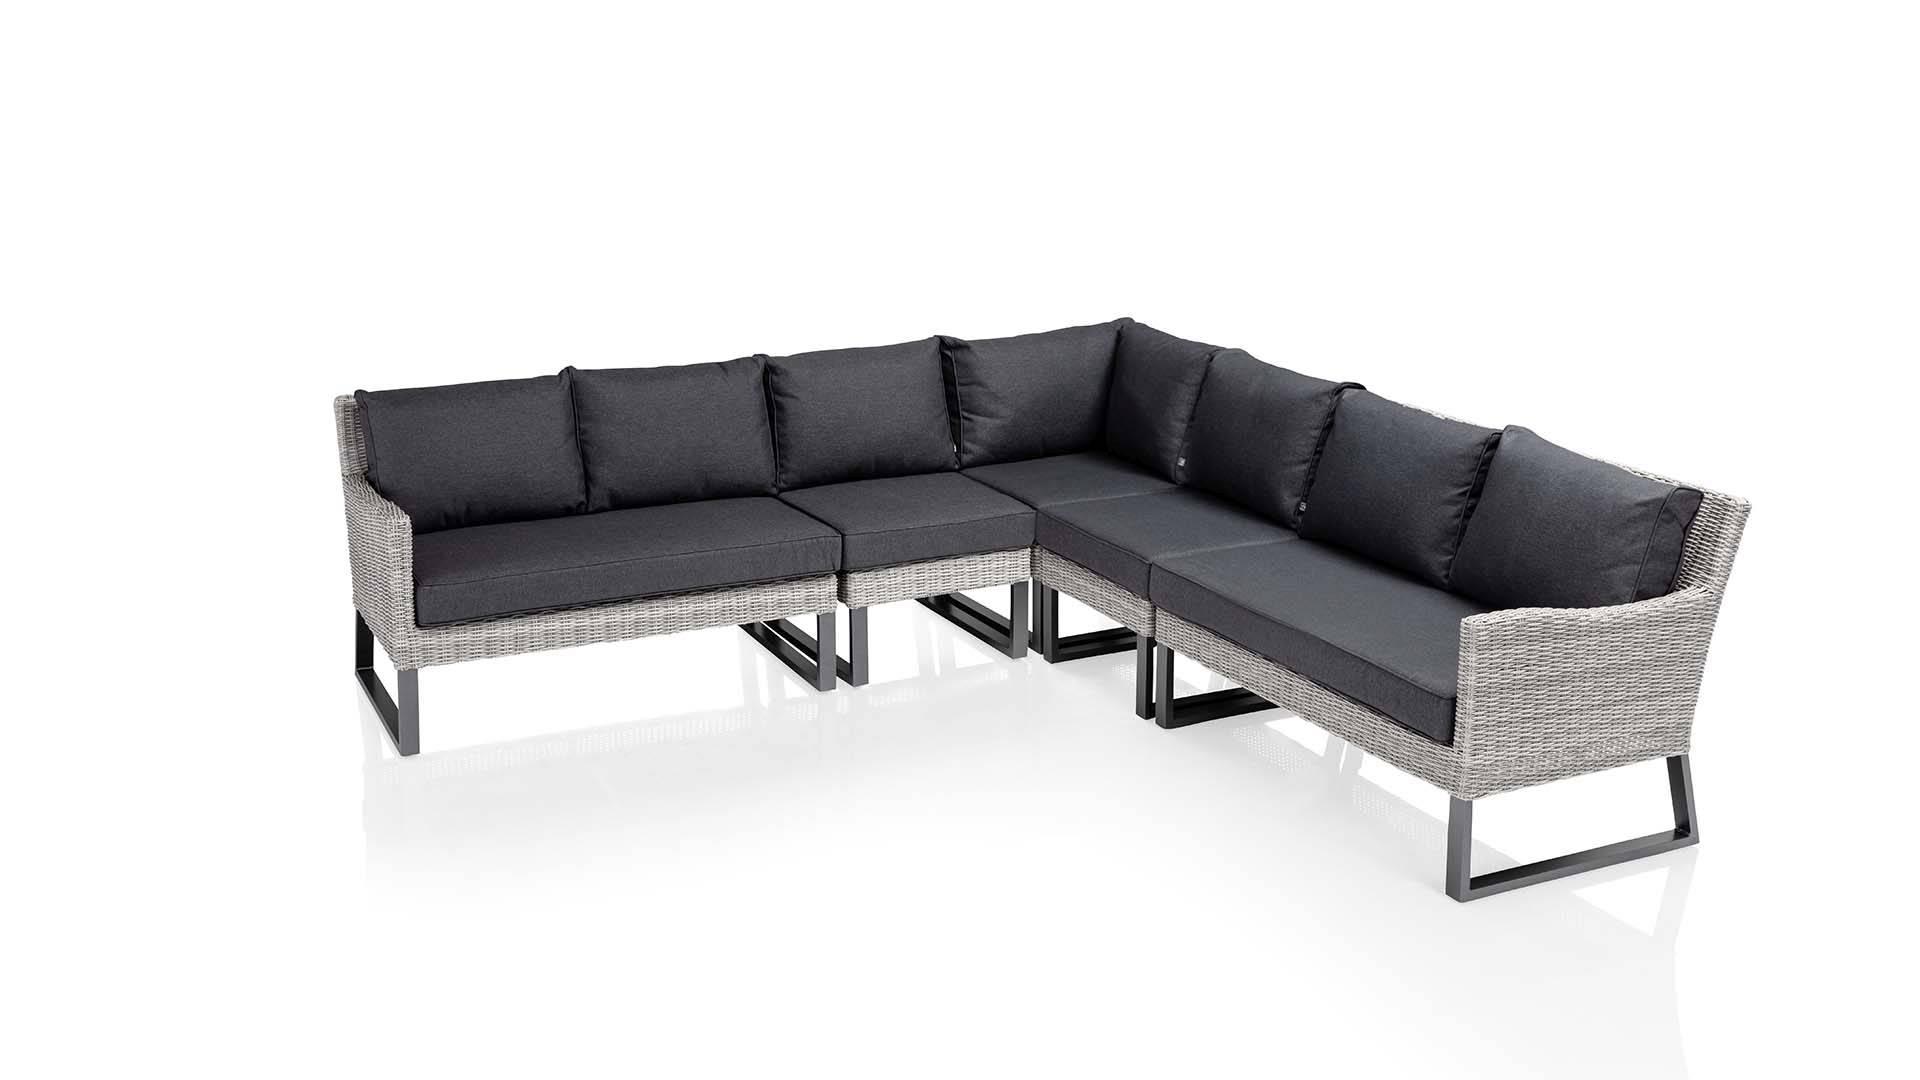 kettler-palma-wing-loungeset-1